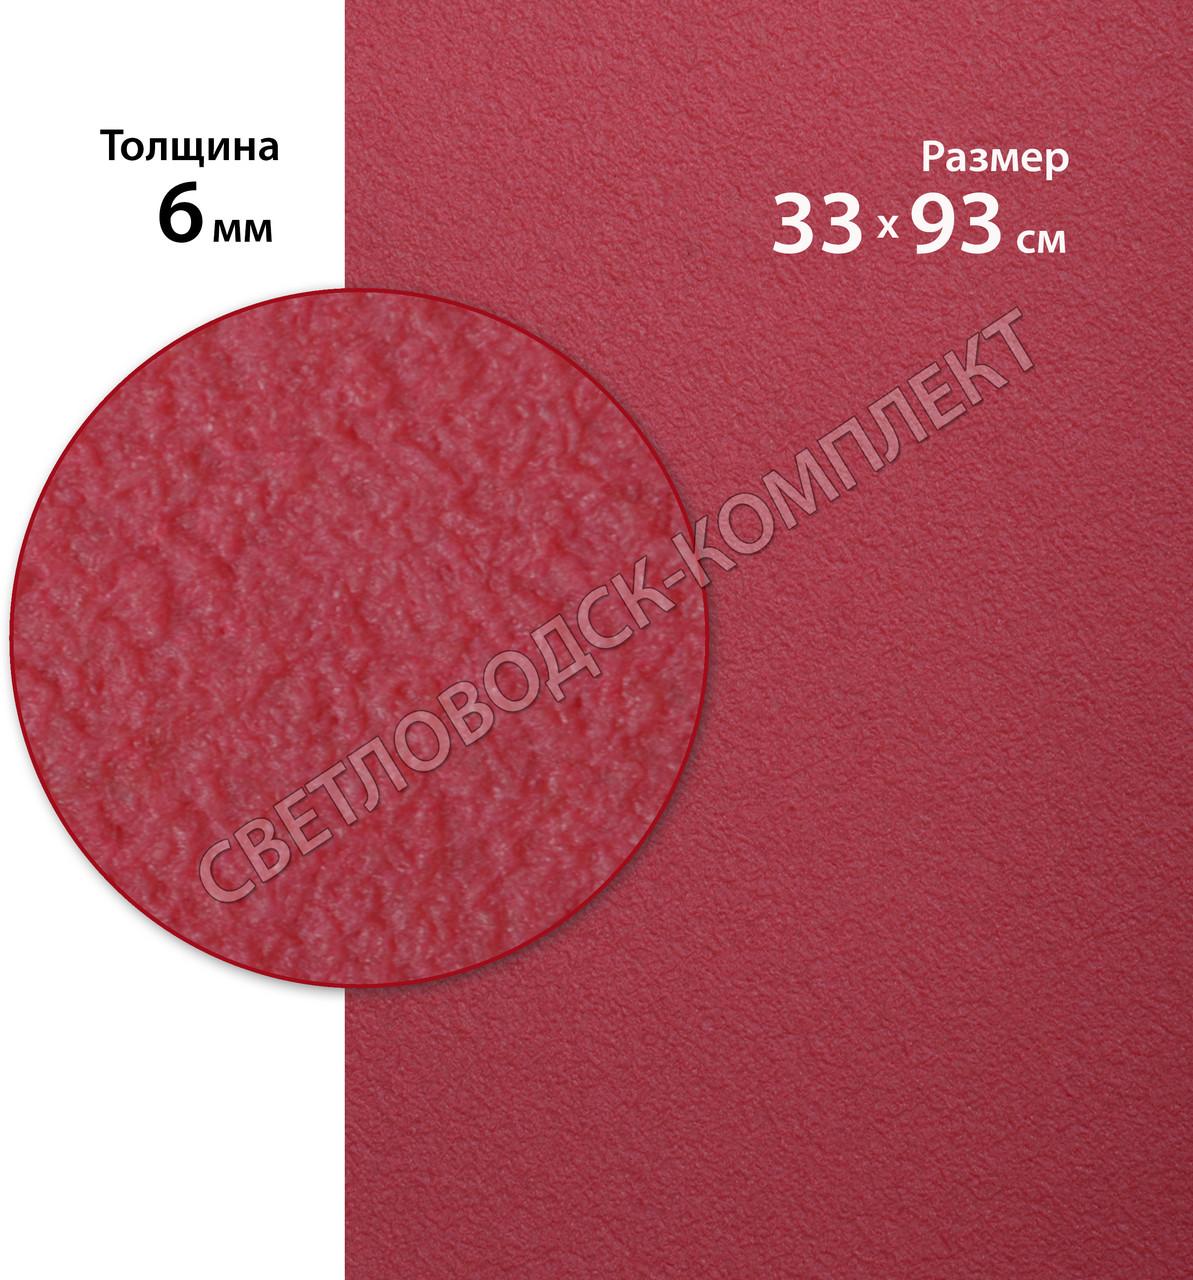 Подошвенный каучук в листах, цв. красный (A5), р. 33 см*93 см*6 мм